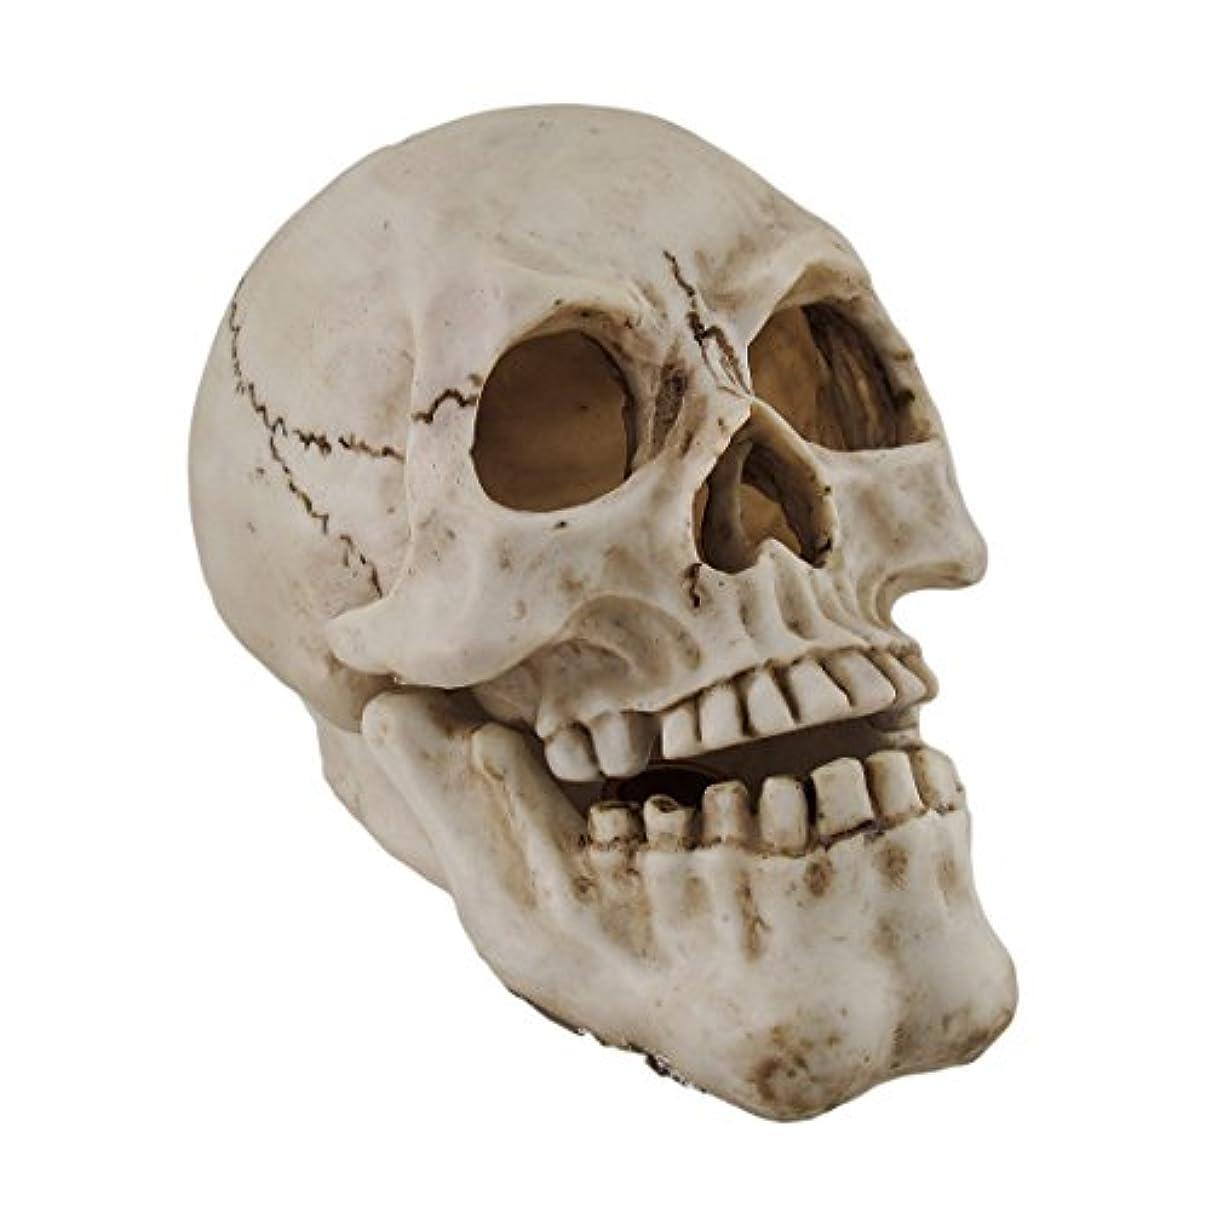 勃起滅多コピー樹脂IncenseホルダーHuman Skull Shaped Incense Burnerボックス7.75 X 5.75 X 4.5インチホワイトモデル# pwh-63